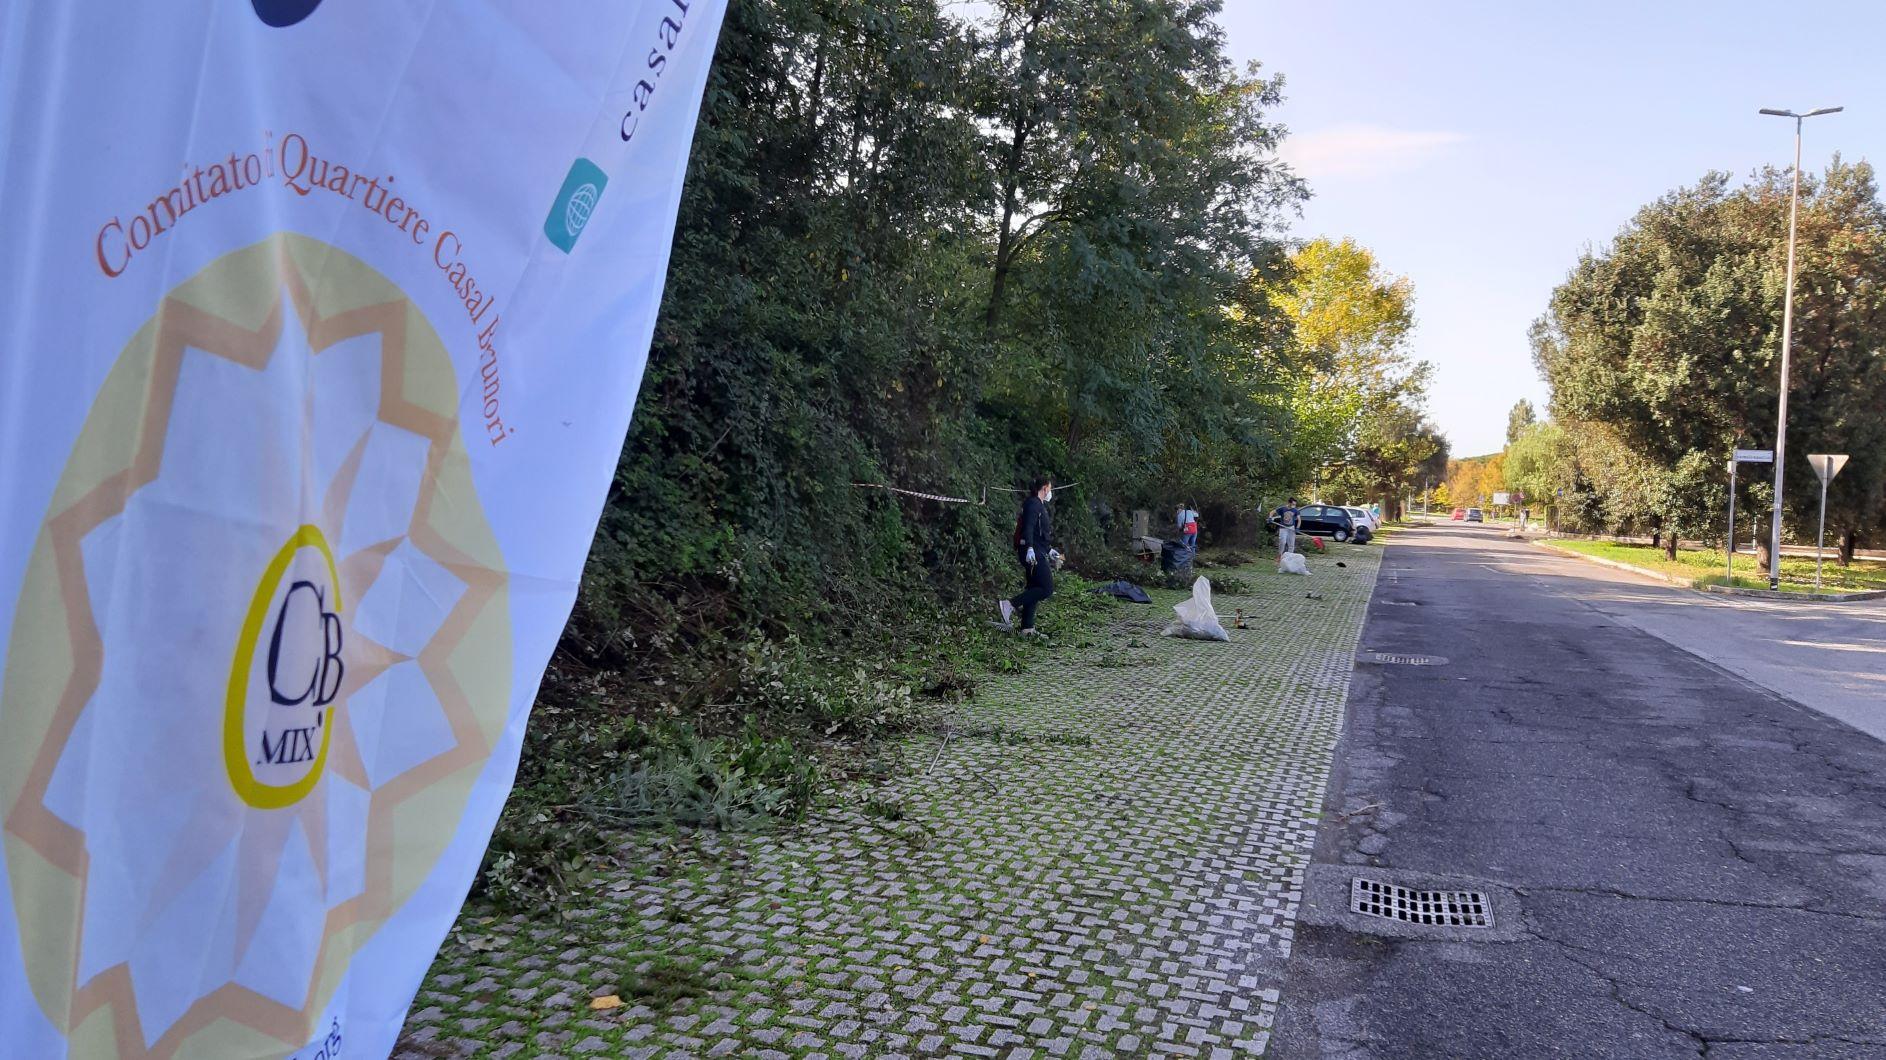 Domenica 25 ottobre … le pulizie del quartiere non si fermano